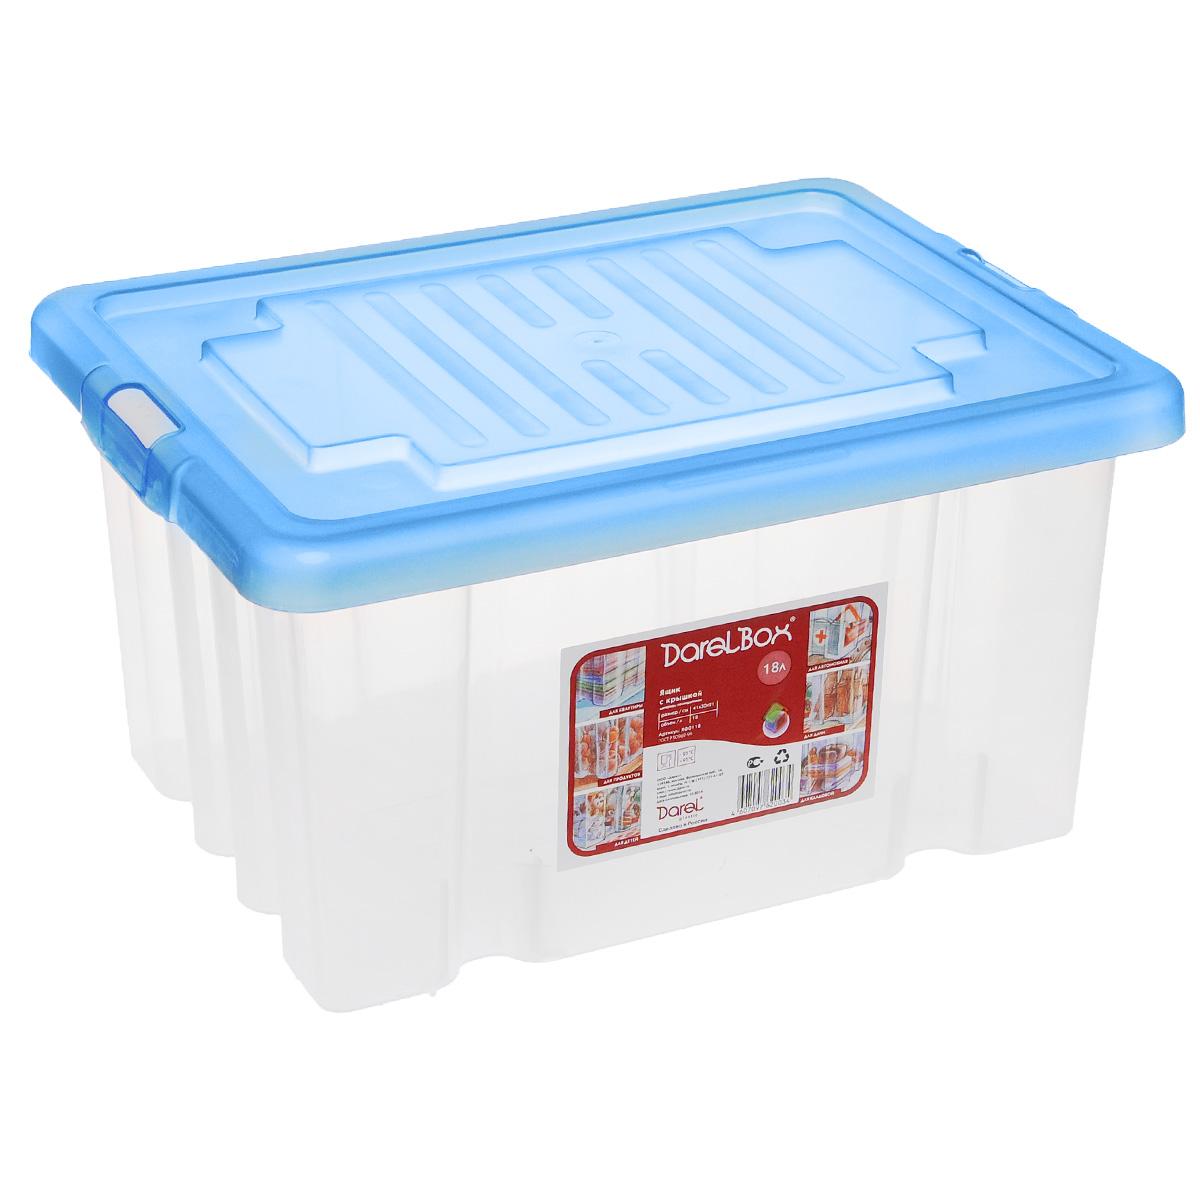 Ящик Darel Box, с крышкой, цвет: синий, прозрачный, 18 лЯФ0118Ящик Darel Box, изготовленный из прозрачного пластика, оснащен плотно закрывающейся крышкой. Изделие предназначено для хранения различных бытовых вещей. Идеально подойдет для хранения белья, продуктов, игрушек. Будет незаменим на даче, в гараже или кладовой. Выдерживает температурные перепады от -25°С до +95°С. Размер ящика: 40 см х 30 см х 21 см.